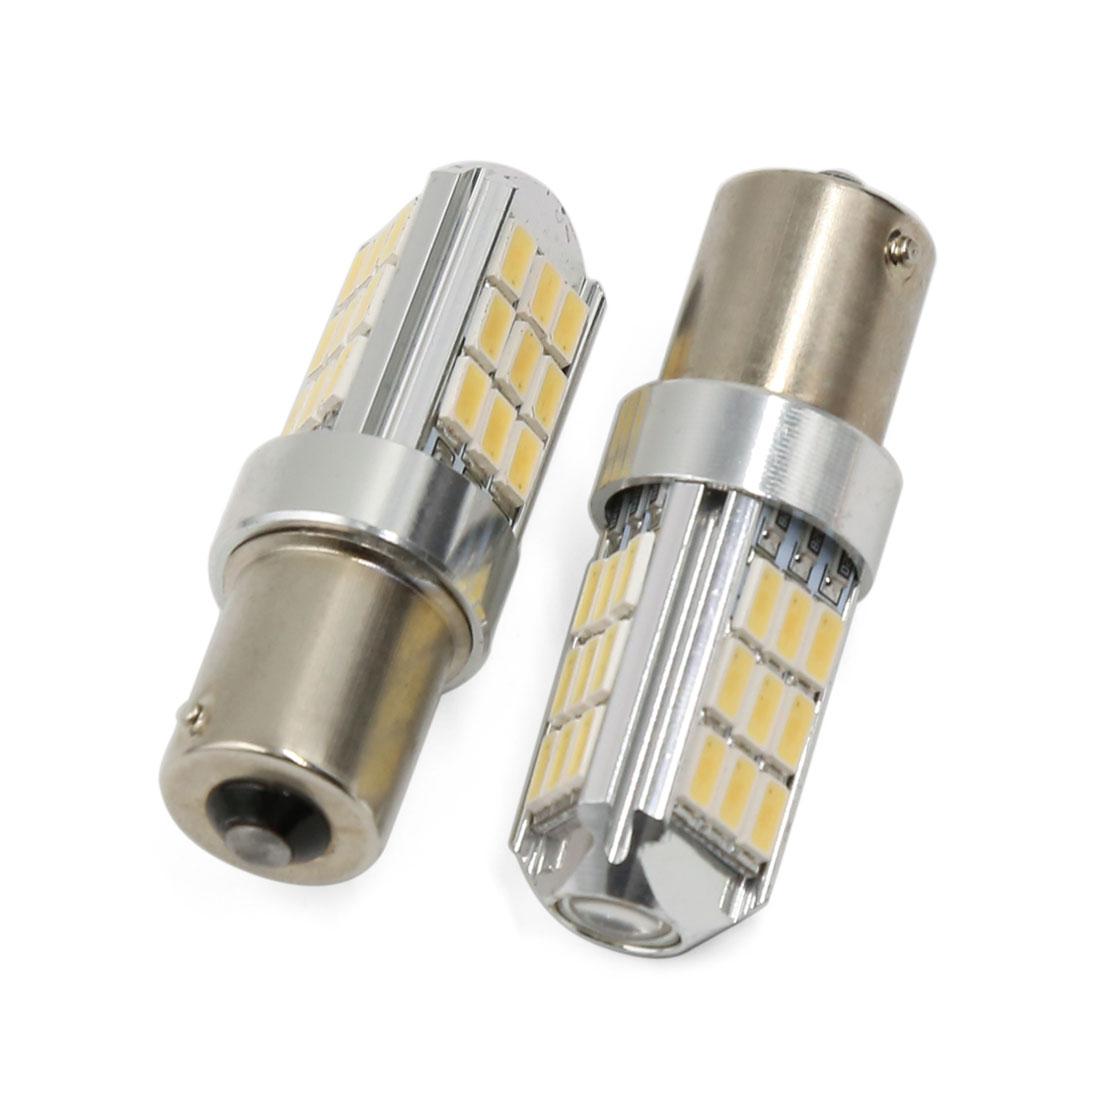 White Car 1156 BA15S 27 SMD LED Bulb Tail Turn Signal Lamp Light DC 12V 2 Pcs